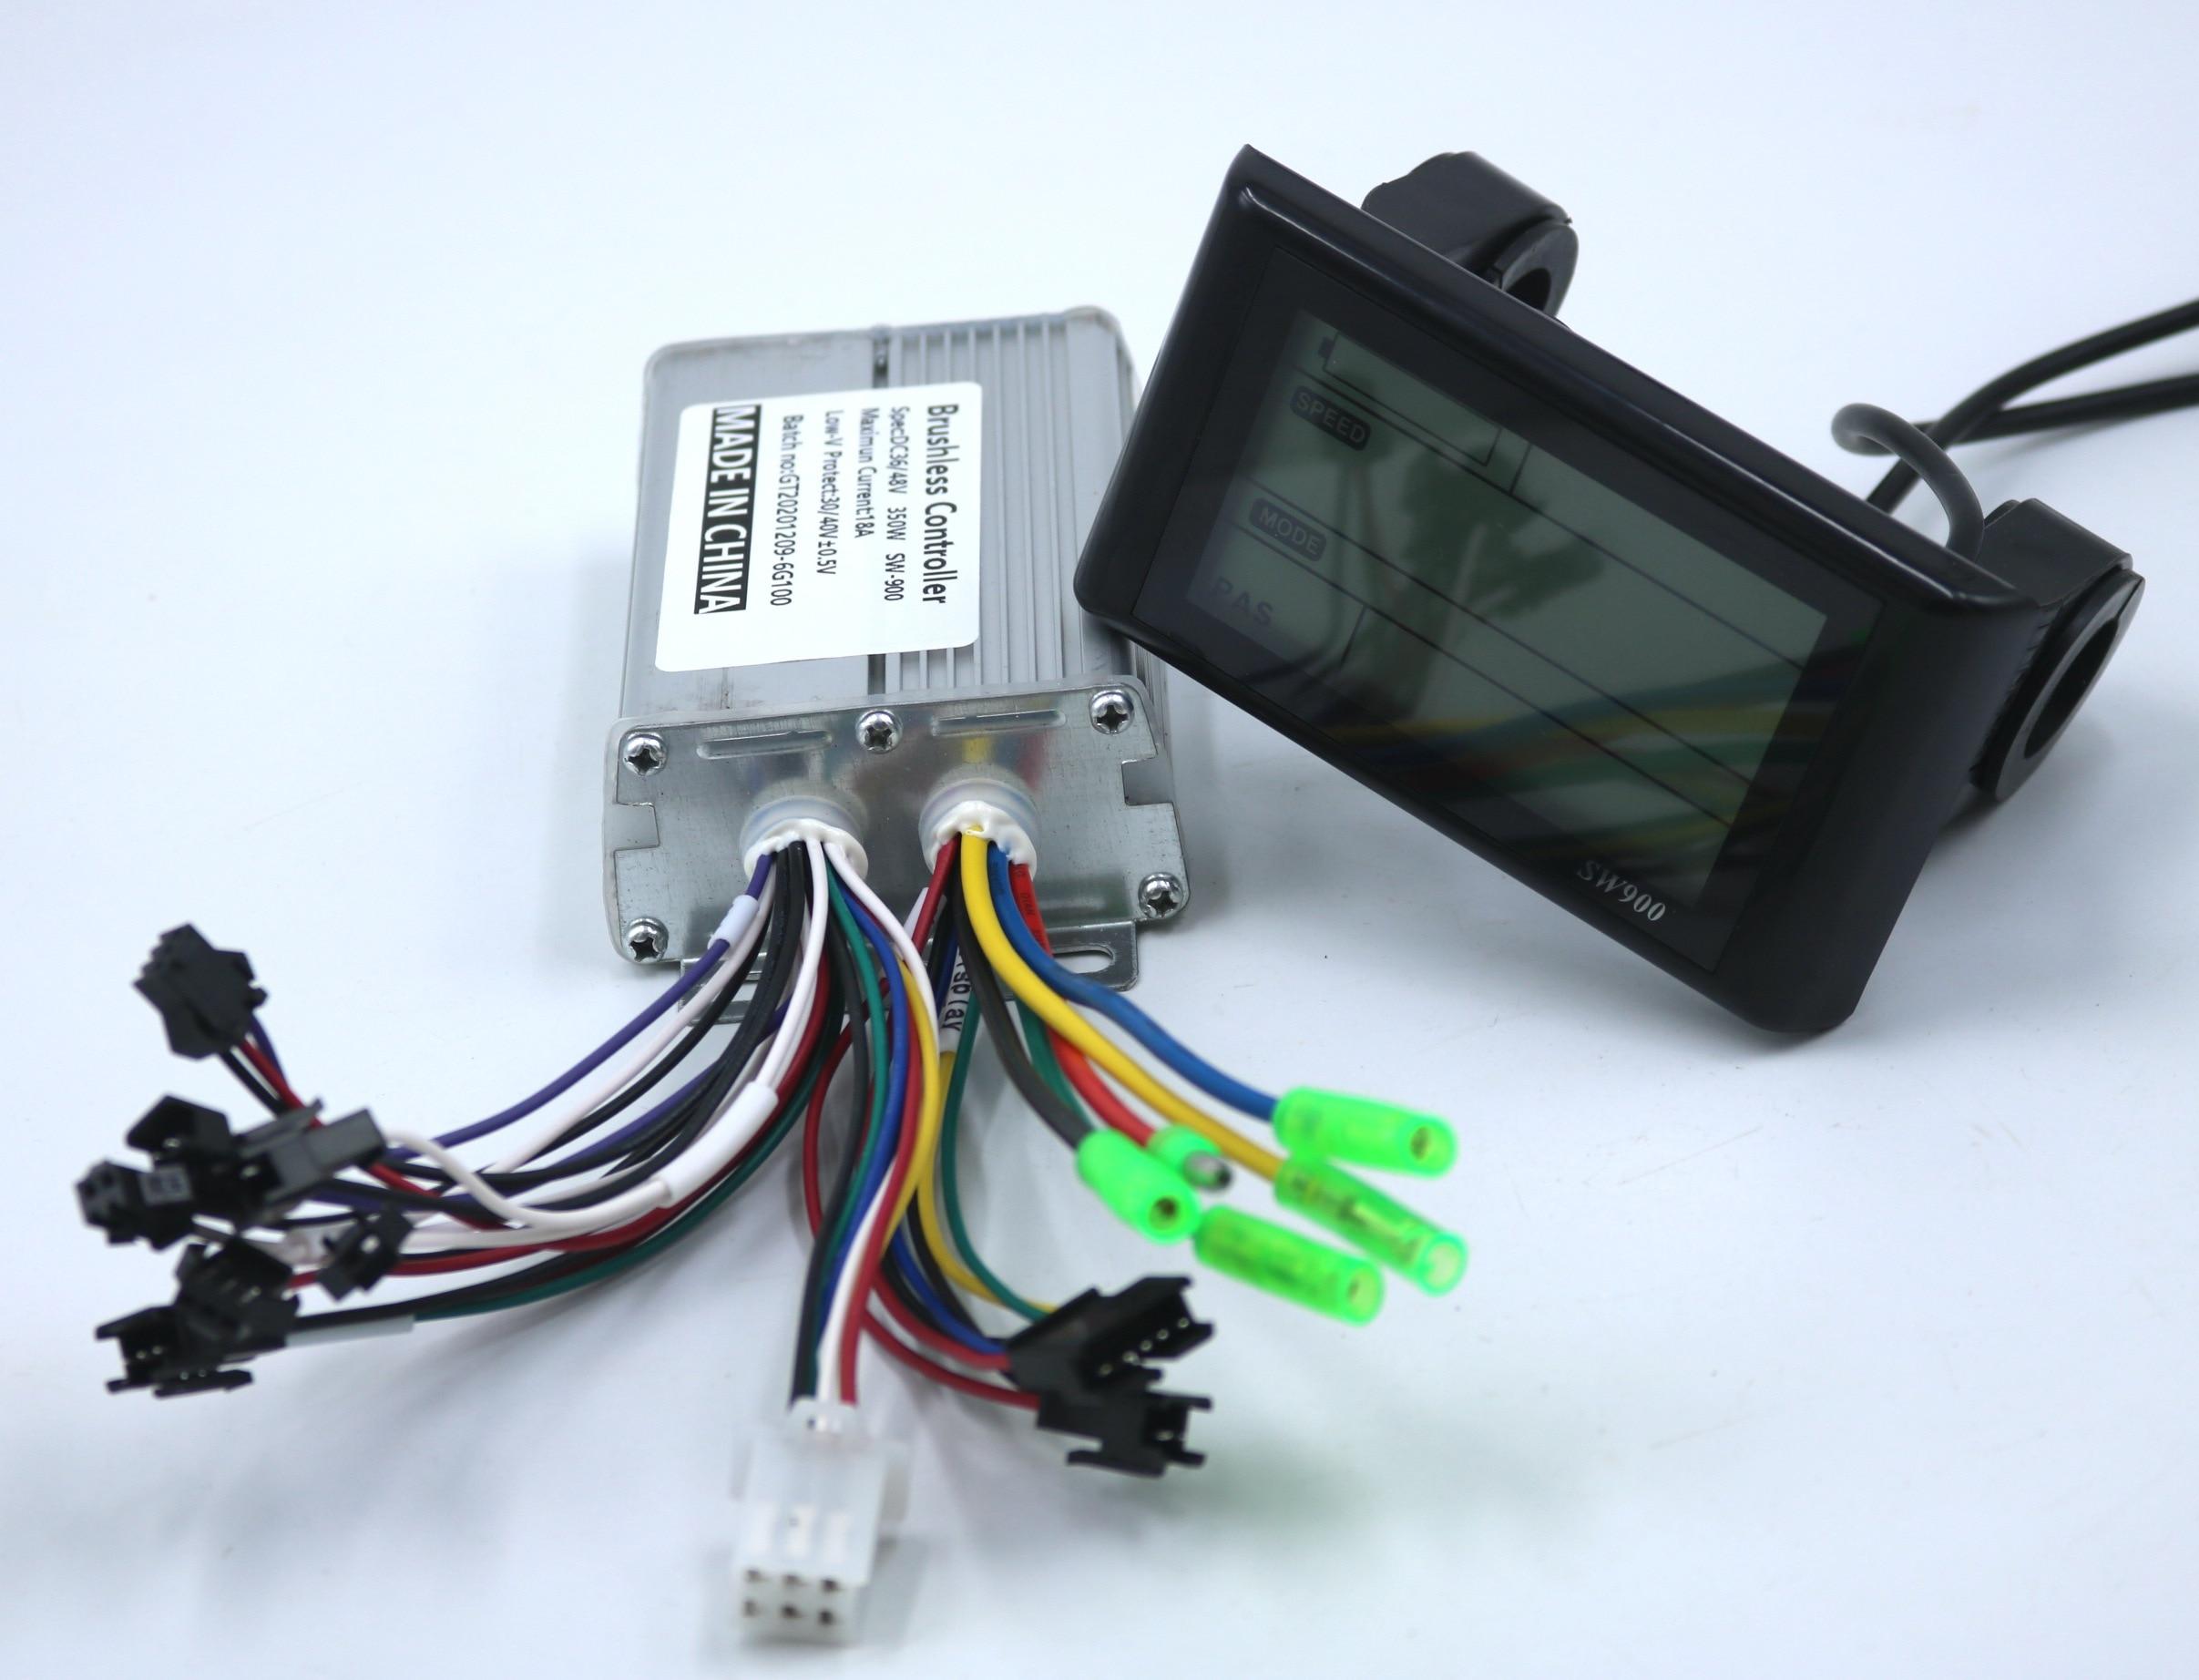 Greentime 36v 48v 350w 18a brushless dc controlador de motor ebike + SW-900Display um conjunto